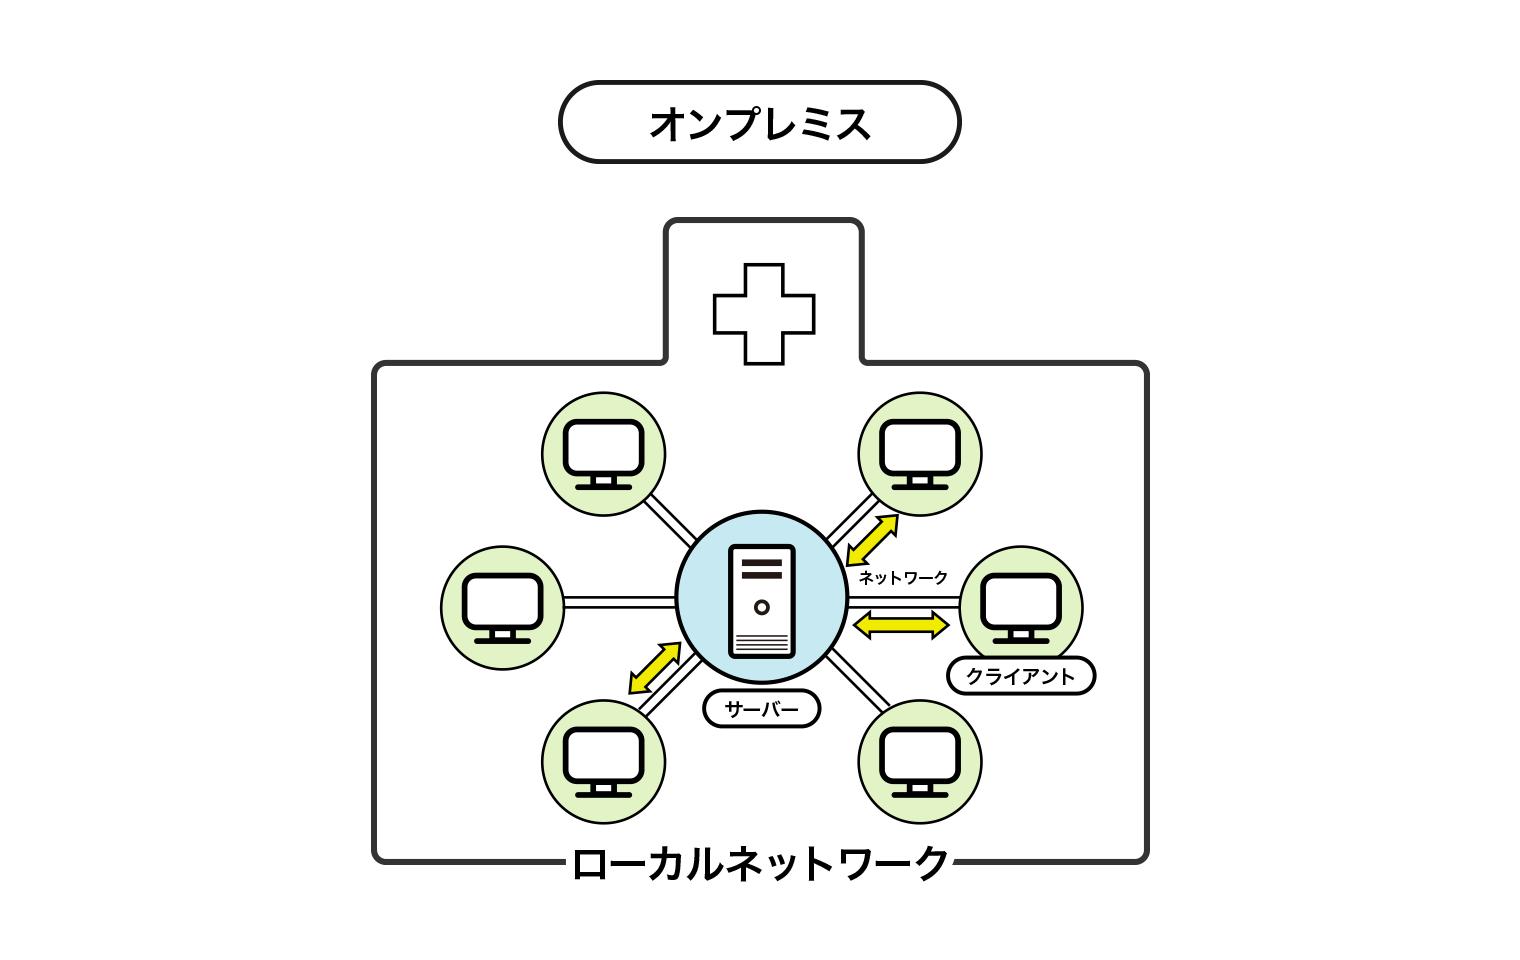 オンプレミスのイメージ図